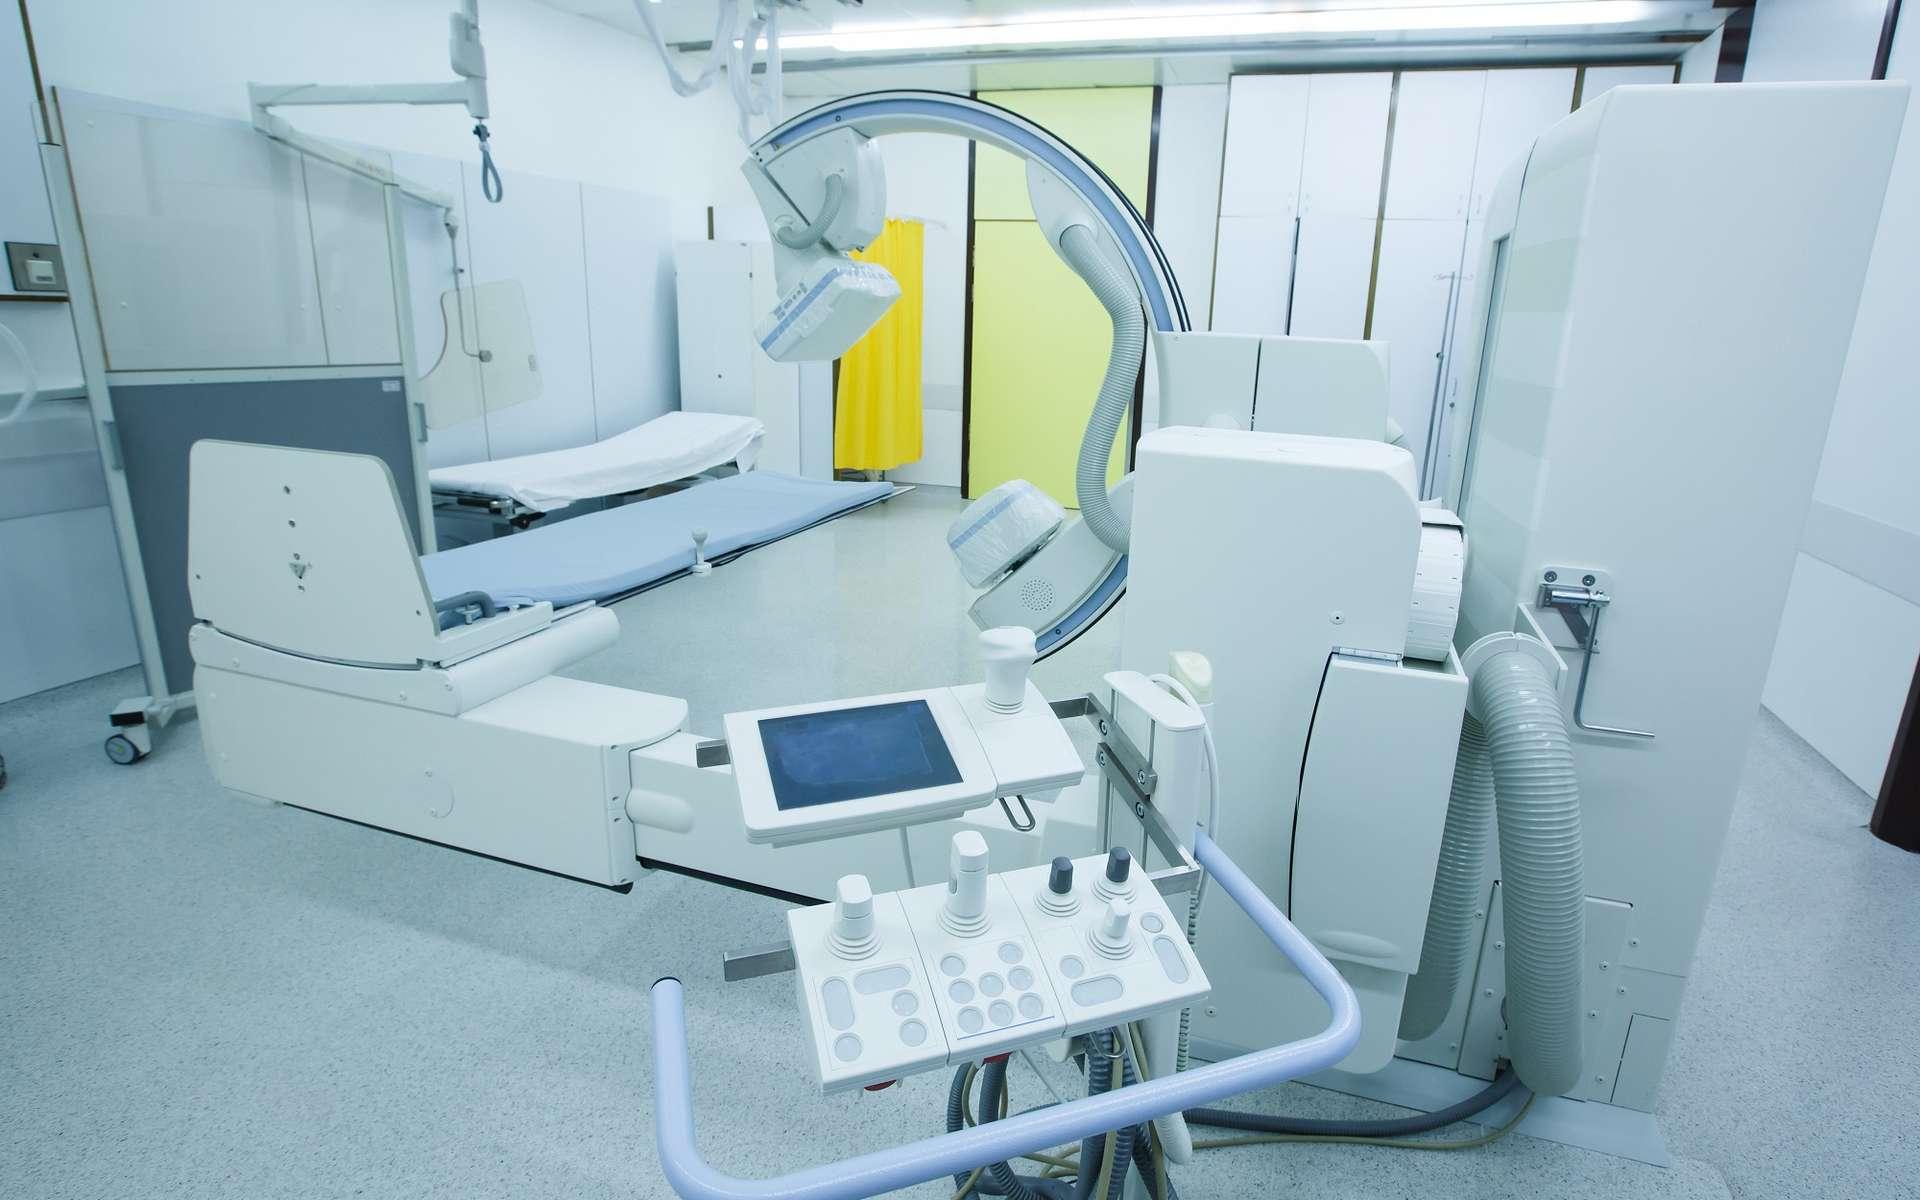 L'essor de l'intelligence artificielle va considérablement développer le secteur de l'imagerie médicale et faire apparaître de nouvelles innovations technologiques. © zlikovec, Adobe Stock.